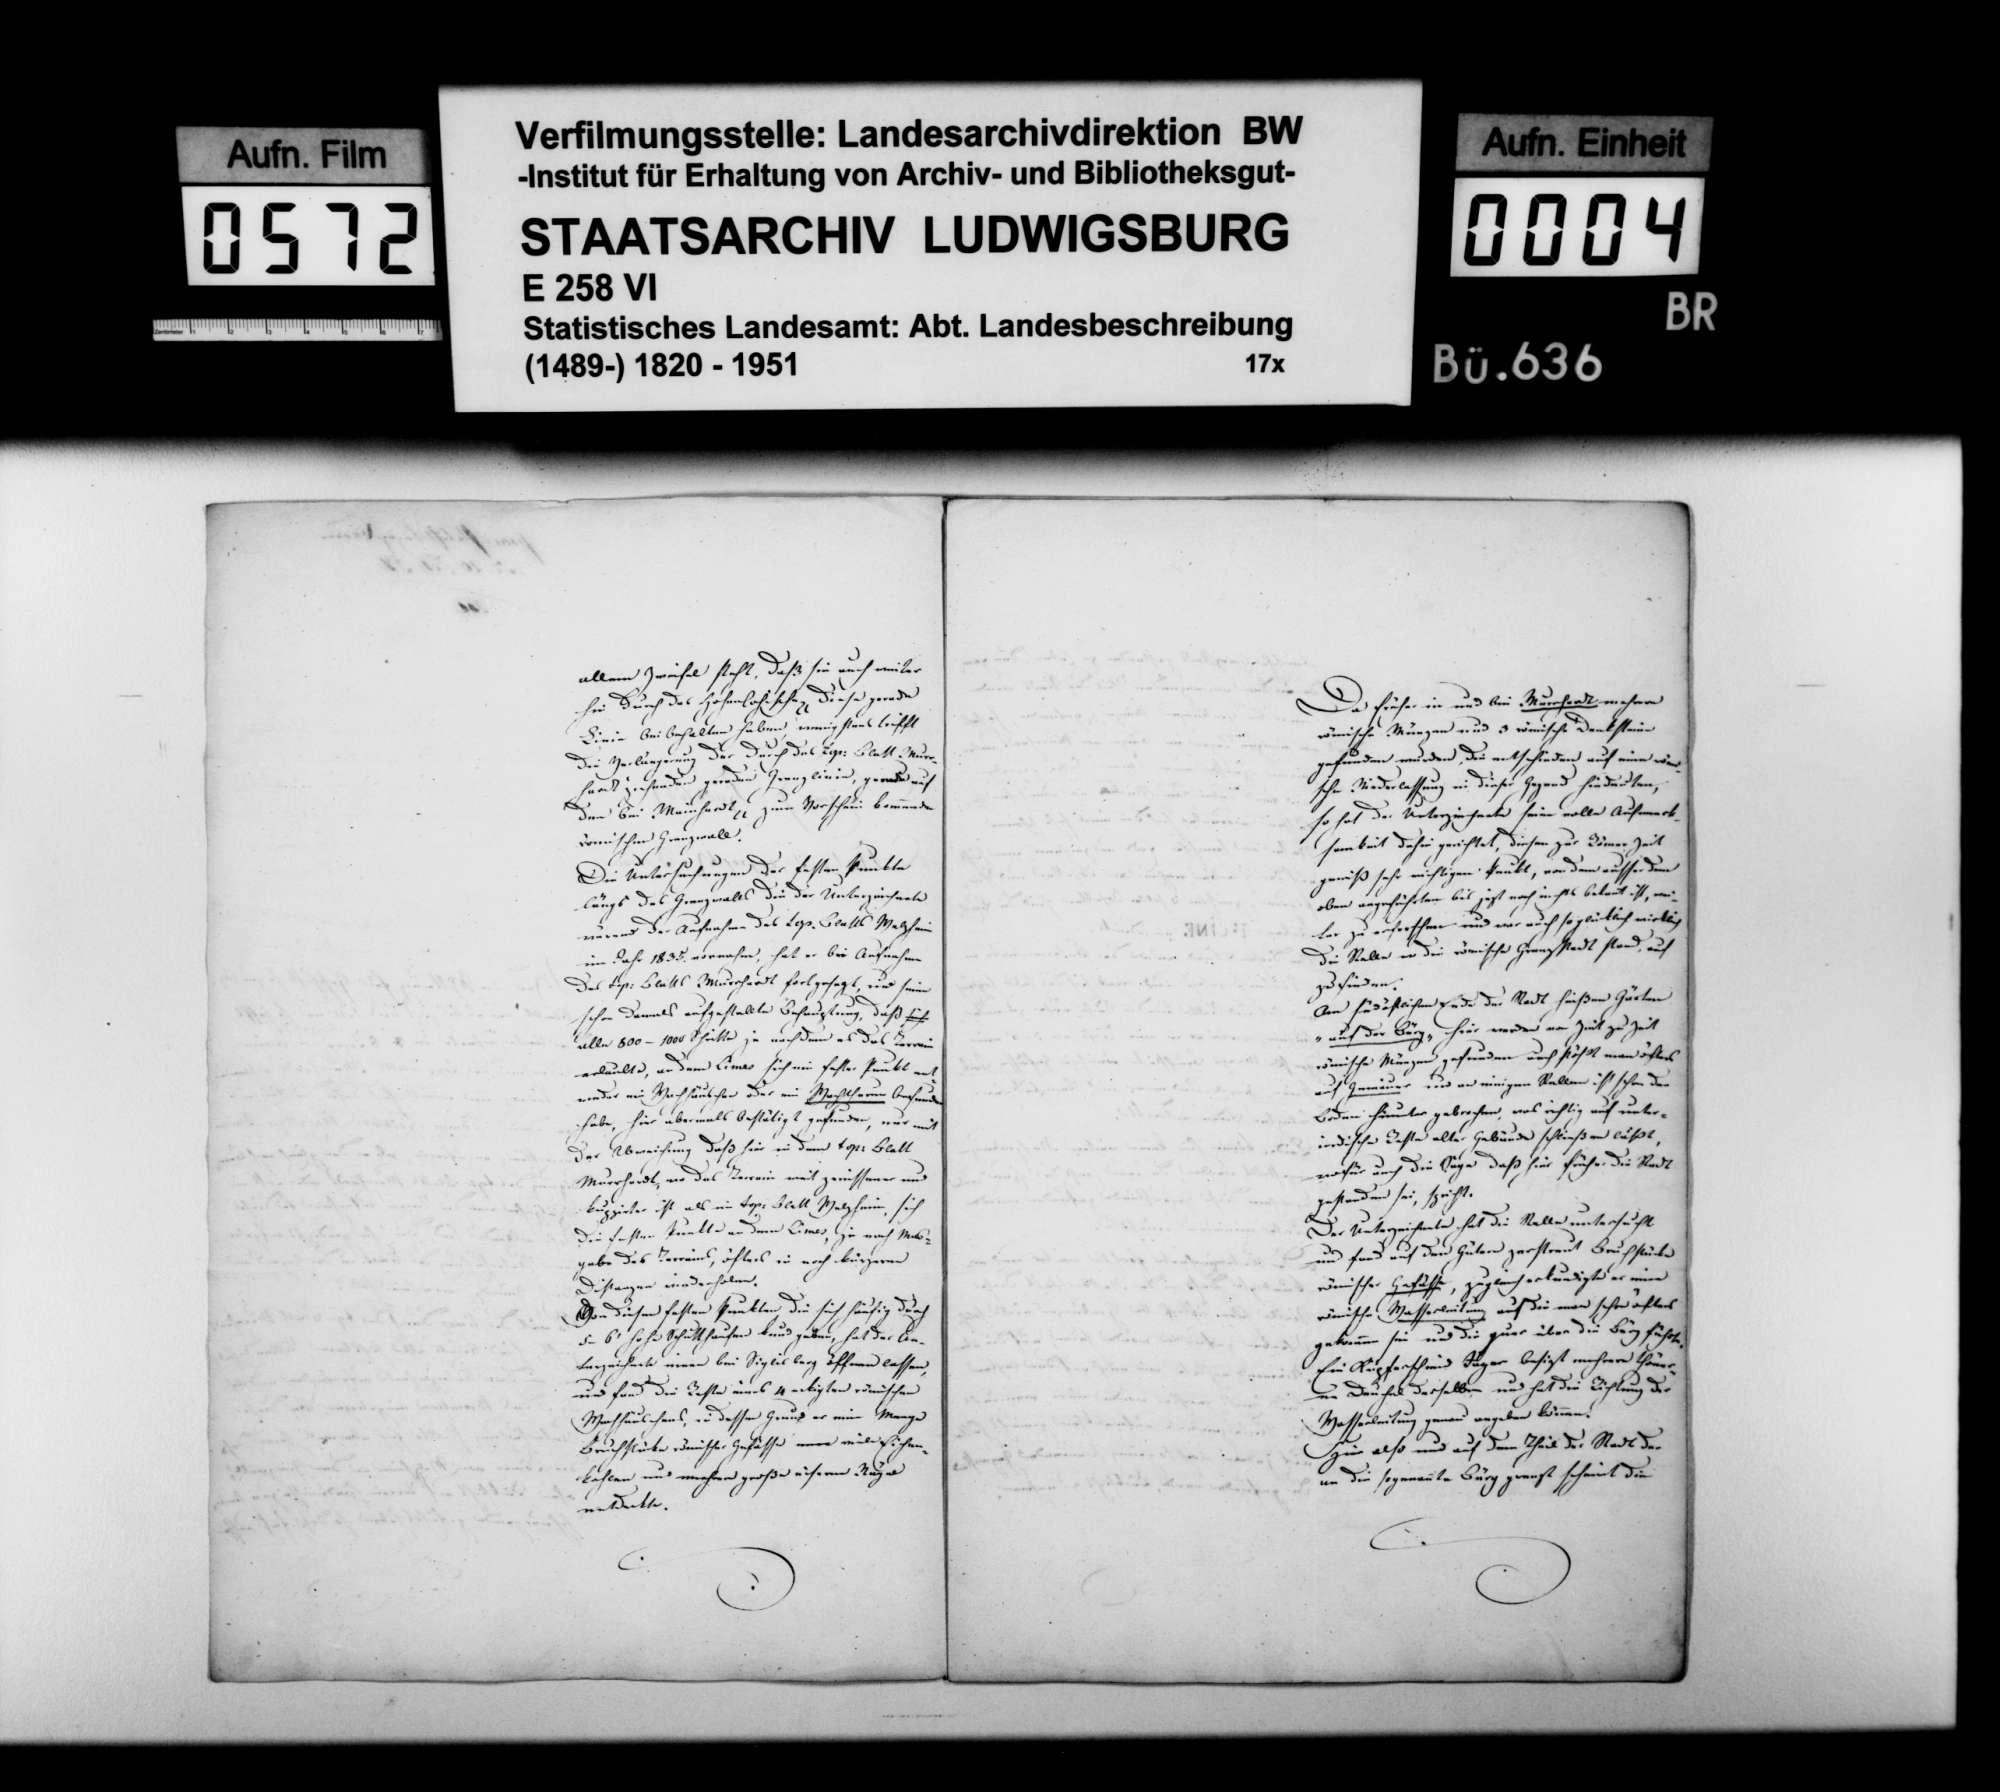 Bericht des Topographen [Karl Eduard] Paulus über römische und mittelalterliche Altertümer im Oberamt, Bild 3